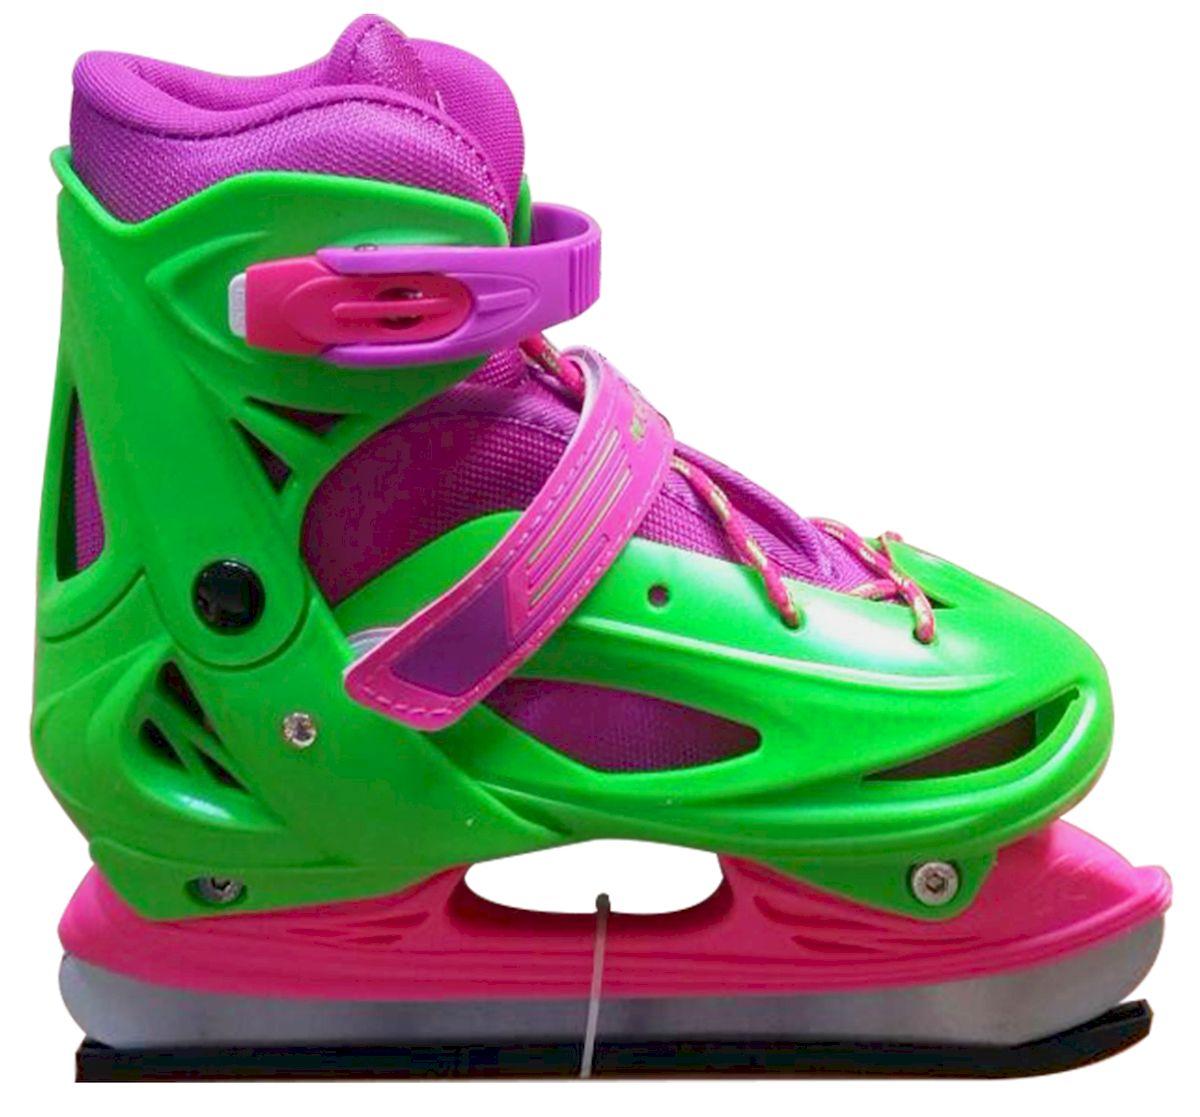 Коньки раздвижные Ice Blade Sophie, цвет: розовый, зеленый. УТ-00009126. Размер L (38/41)УТ-00009126Коньки раздвижные Sophie - это классические раздвижные коньки от известного бренда Ice Blade, которые предназначены для детей и подростков, а также для тех, кто делает первые шаги в катании на льду. Коньки имеют яркий молодежный дизайн, теплый внутренний сапожок, удобная трехуровневая система фиксации ноги, легкая смена размера, надежная защита пятки и носка - все это бесспорные преимущества модели. Коньки поставляются с заводской заточкой лезвия, что позволяет сразу приступить к катанию и не тратить денег на заточку. Предназначены для использования на открытом и закрытом льду. Характеристики: Тип фиксации: клипса с фиксатором, липучка, шнурки Материал ботинка: морозостойкий пластик Внутренняя отделка: теплый текстильный материал Лезвие: выполнено из высокоуглеродистой стали с покрытием из никеля Упаковка: удобная сумка Дополнительно: гарантия 1 год